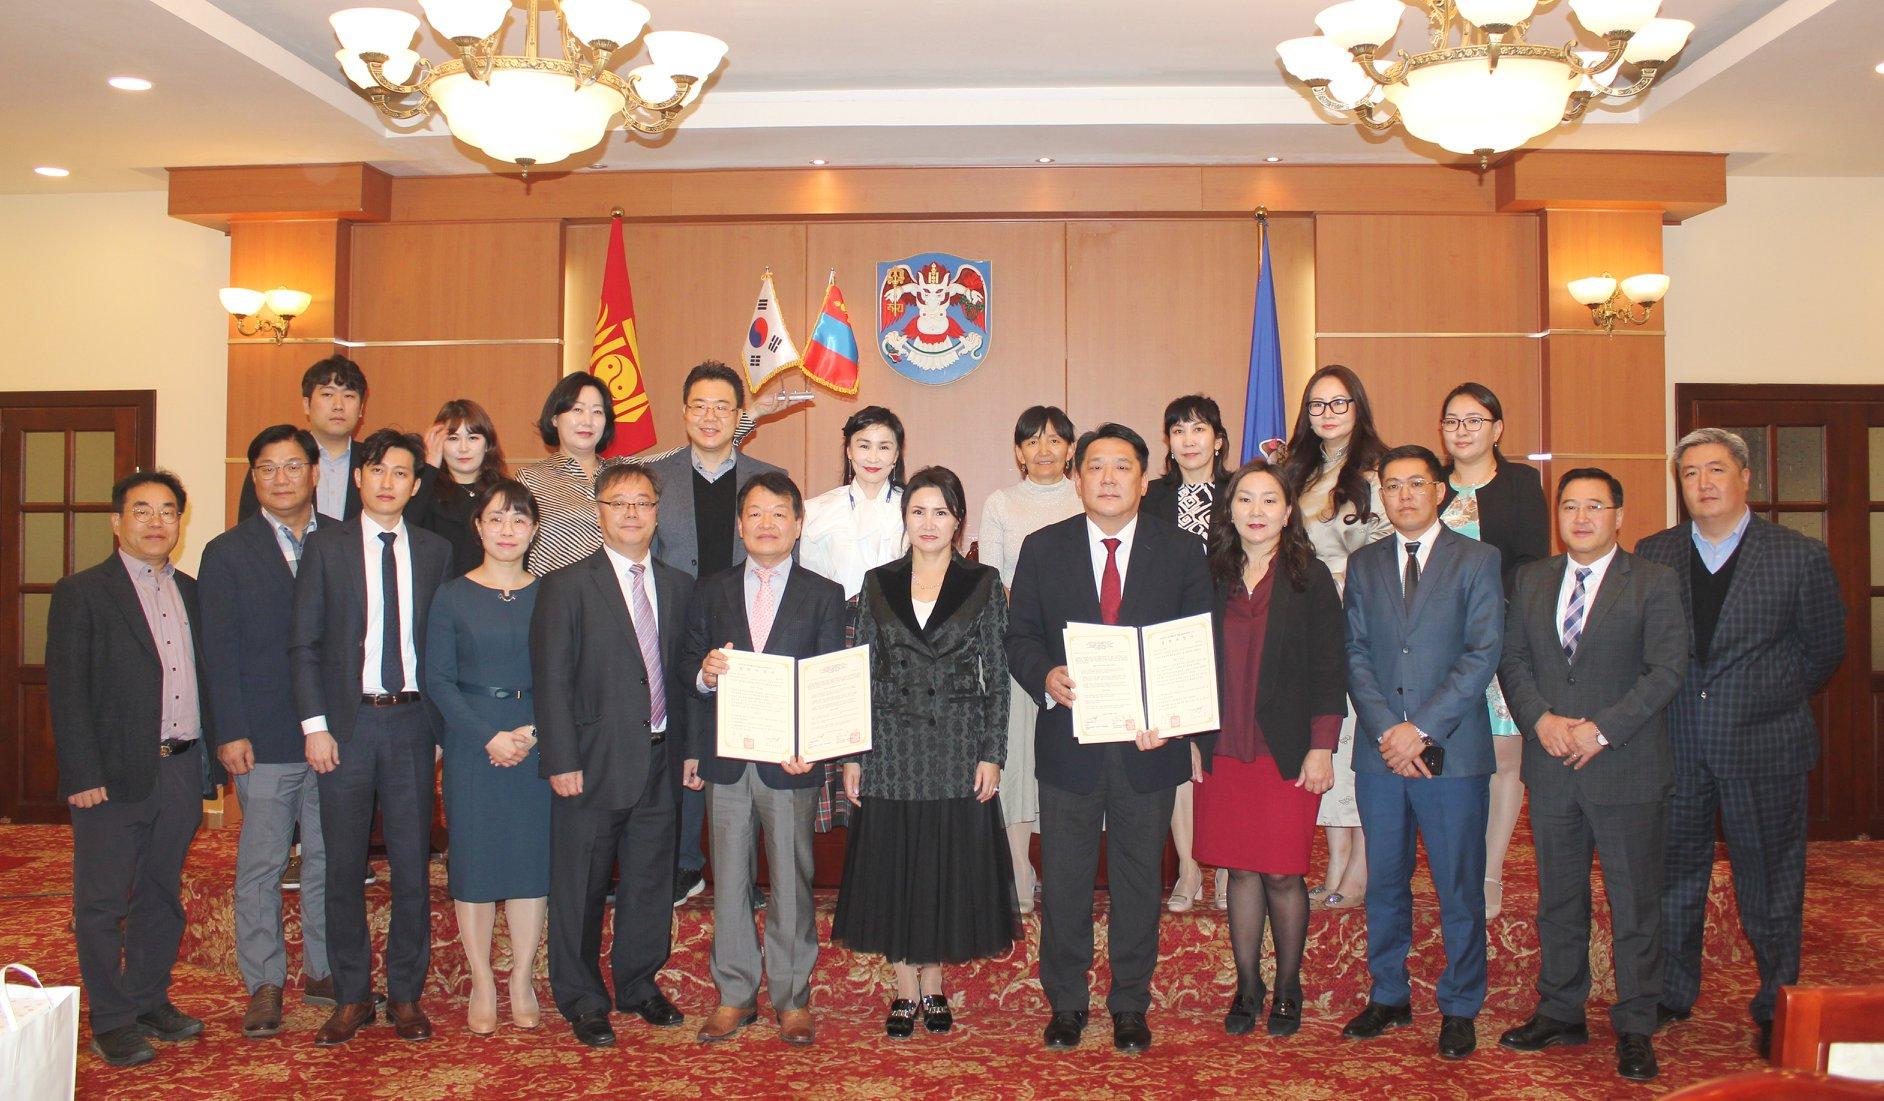 БНСУ-ын Хойд Чүнчон мужийн эрүүл мэнд, нийгмийн хамгааллын газартай хамтран ажиллахаар боллоо